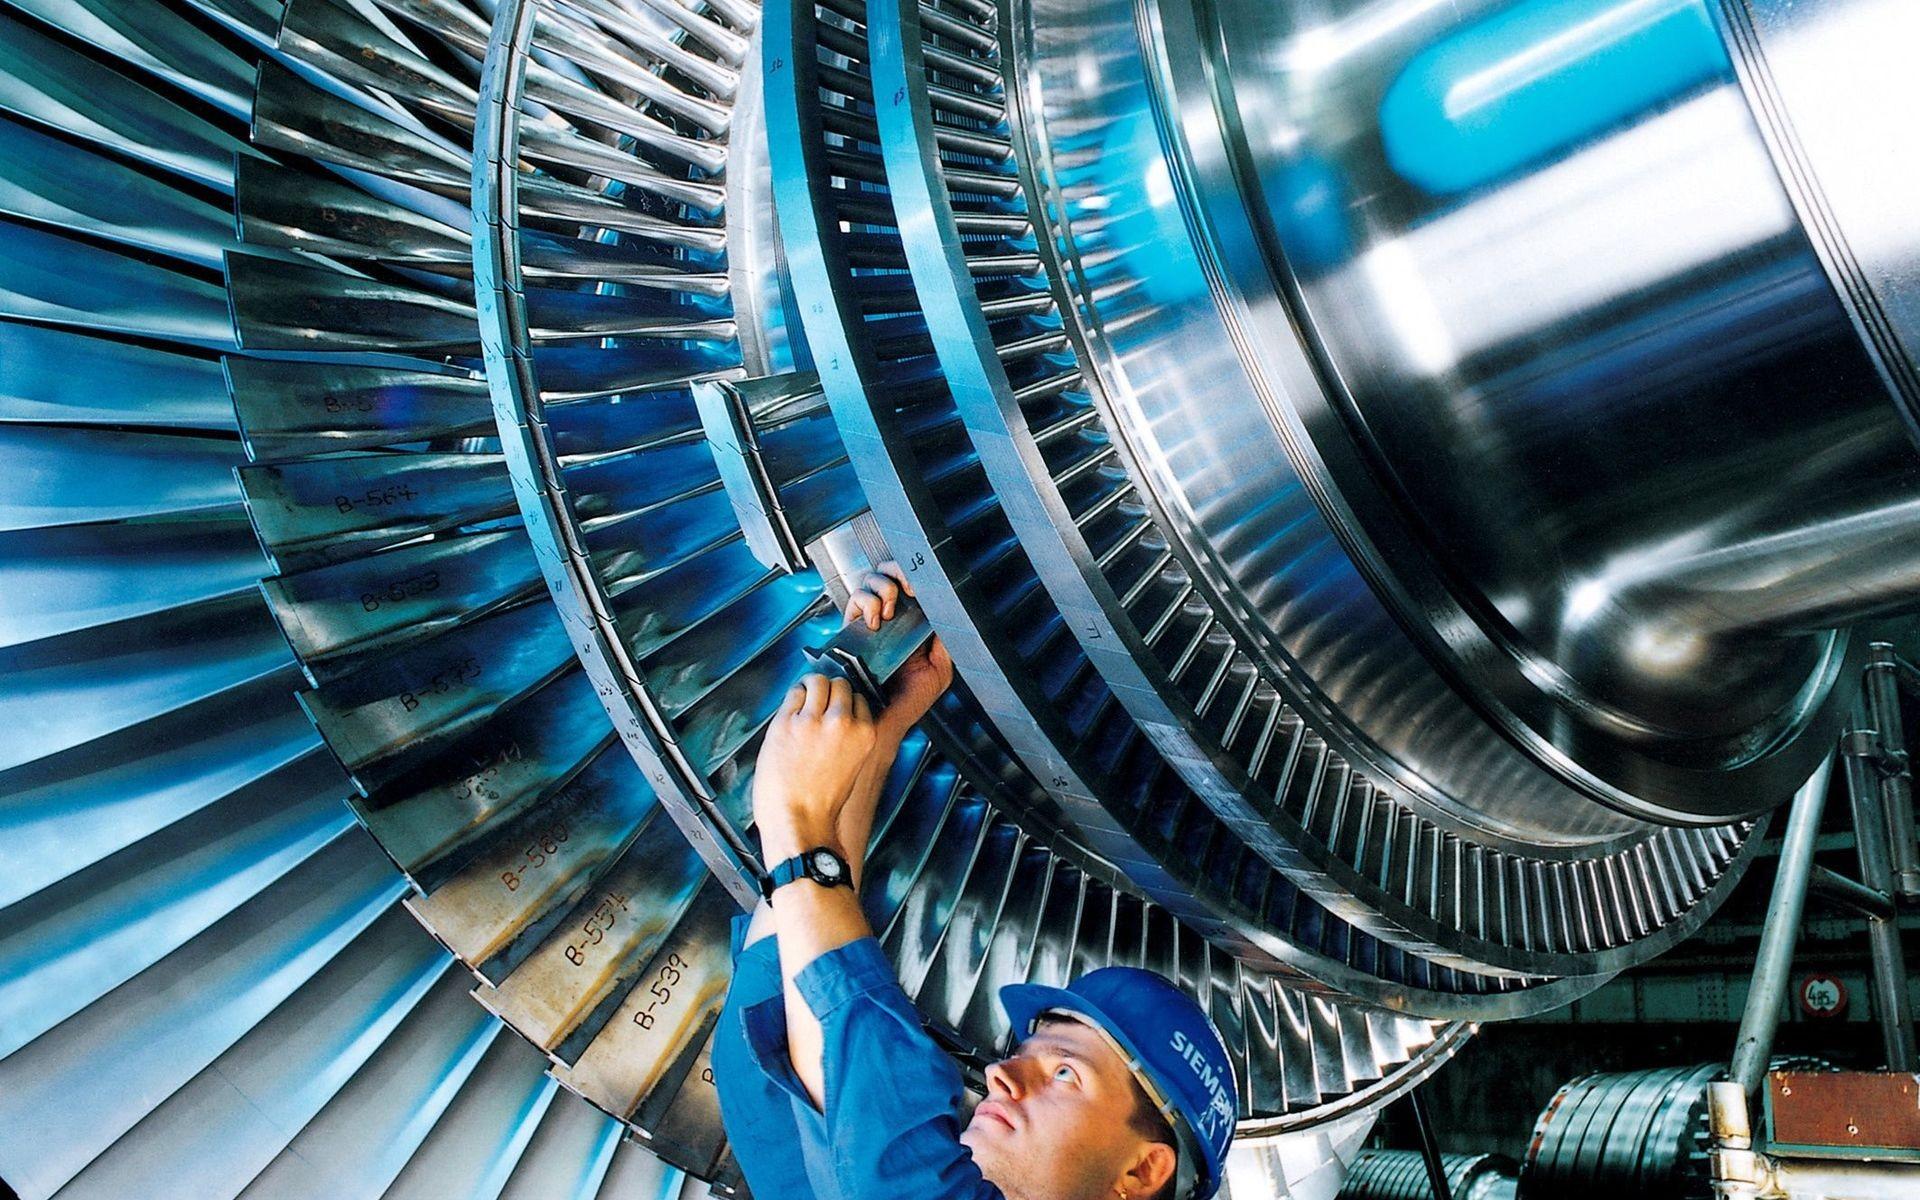 ПАО «Силовые машины» сделают турбины для АЭС «Руппур